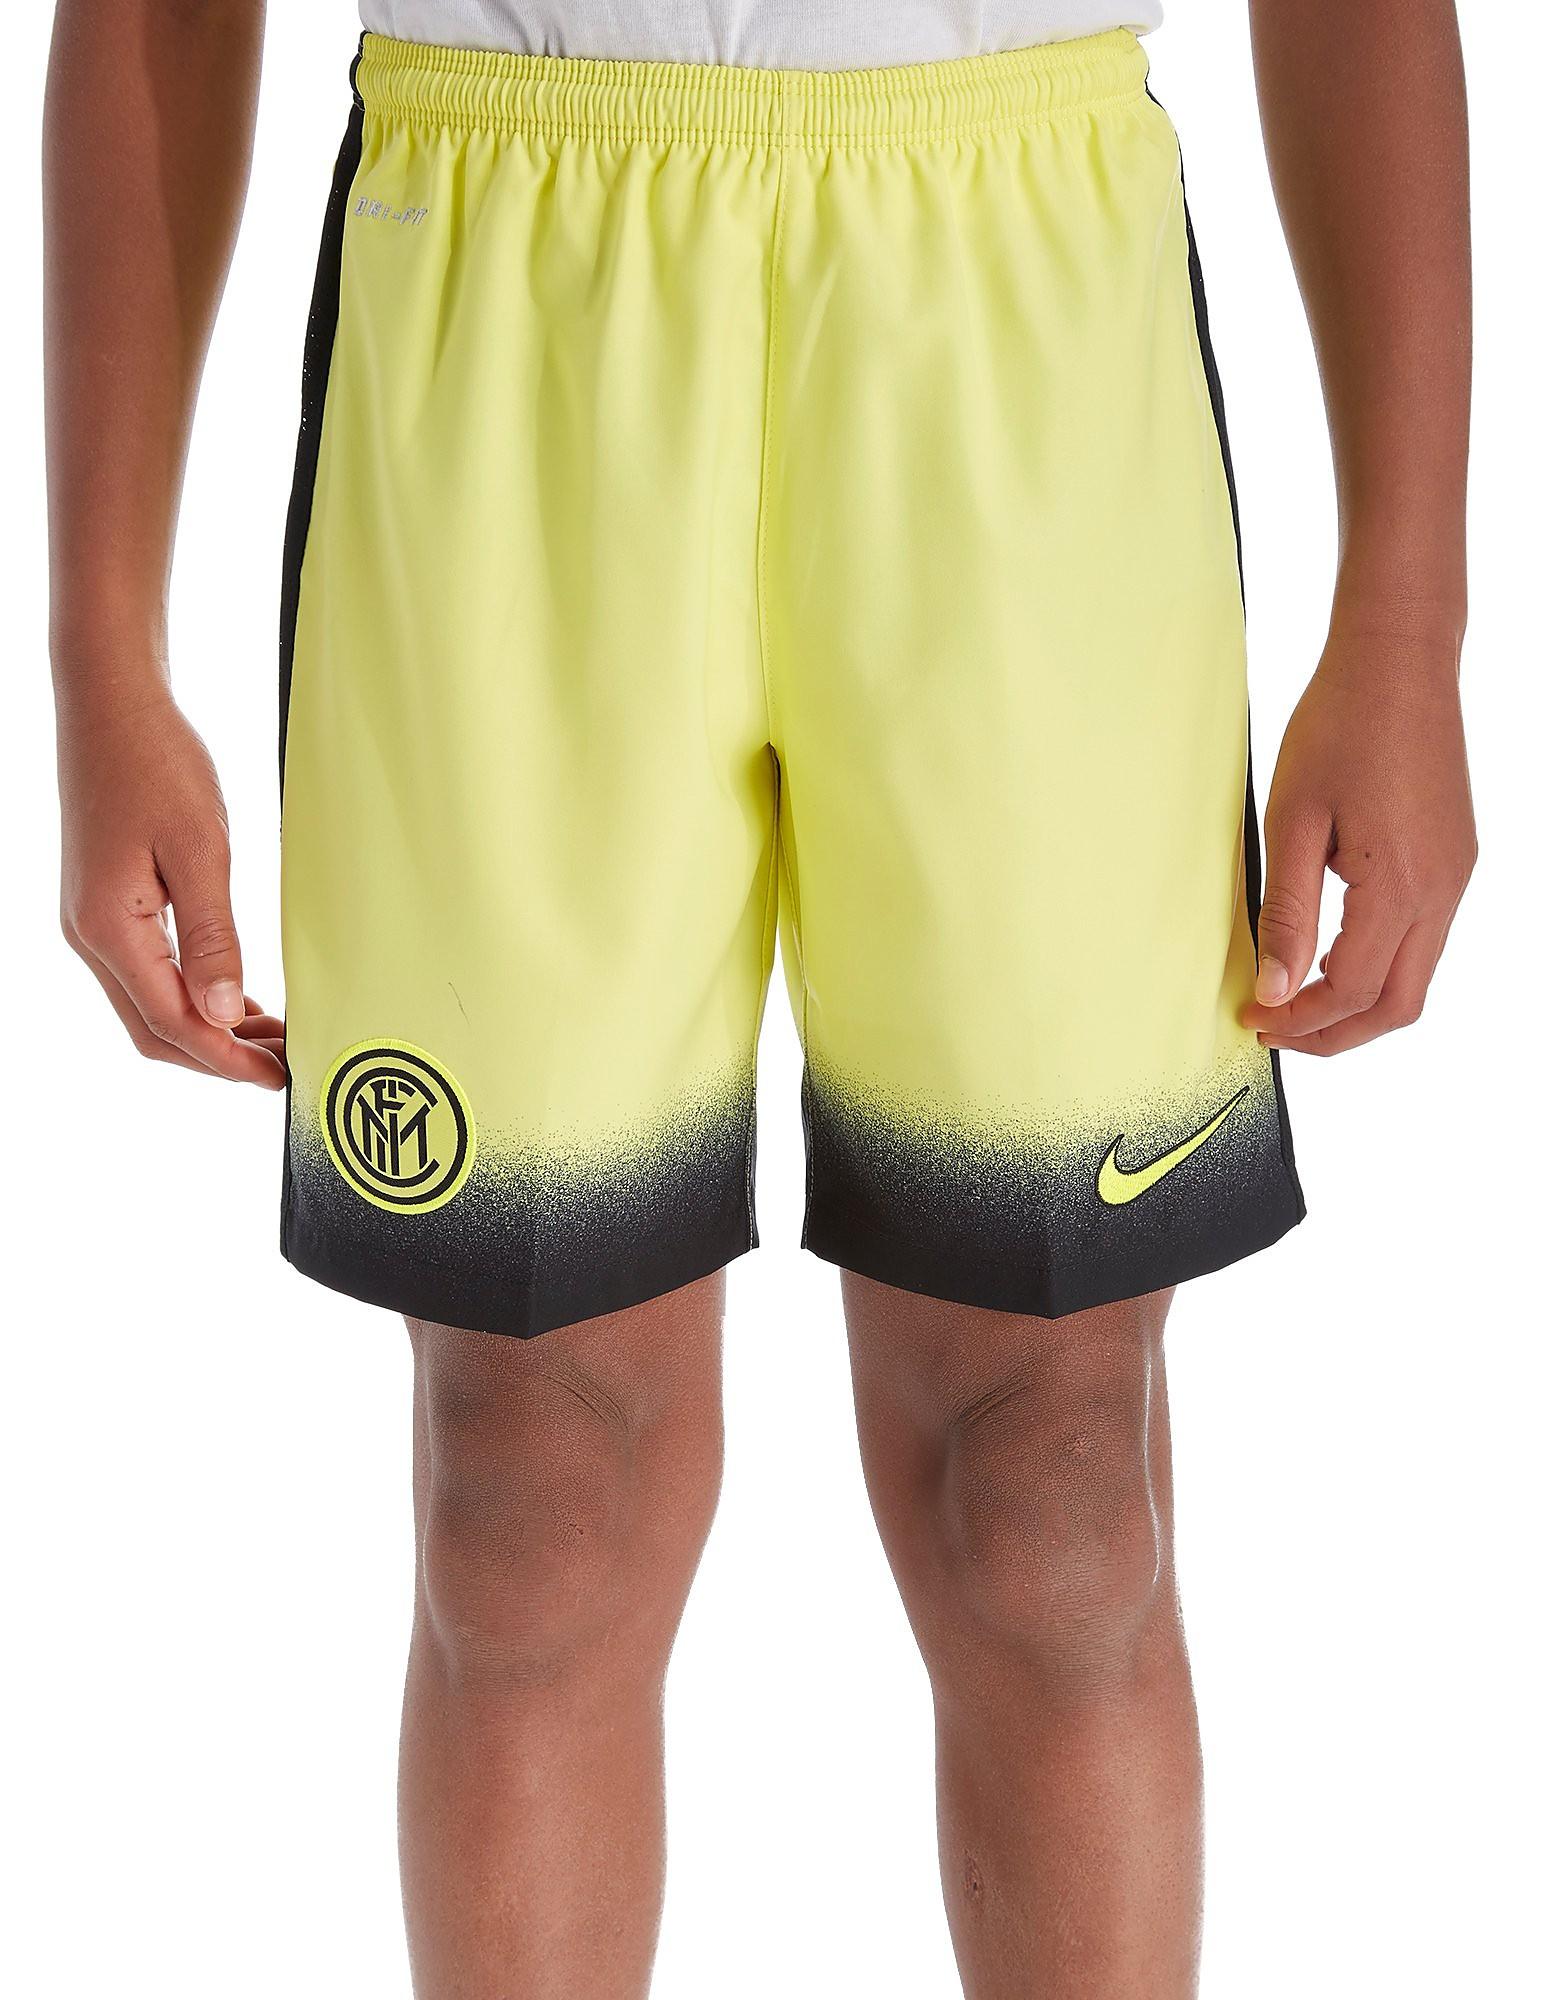 Nike Inter Milan 2015/16 Alternate Shorts Junior